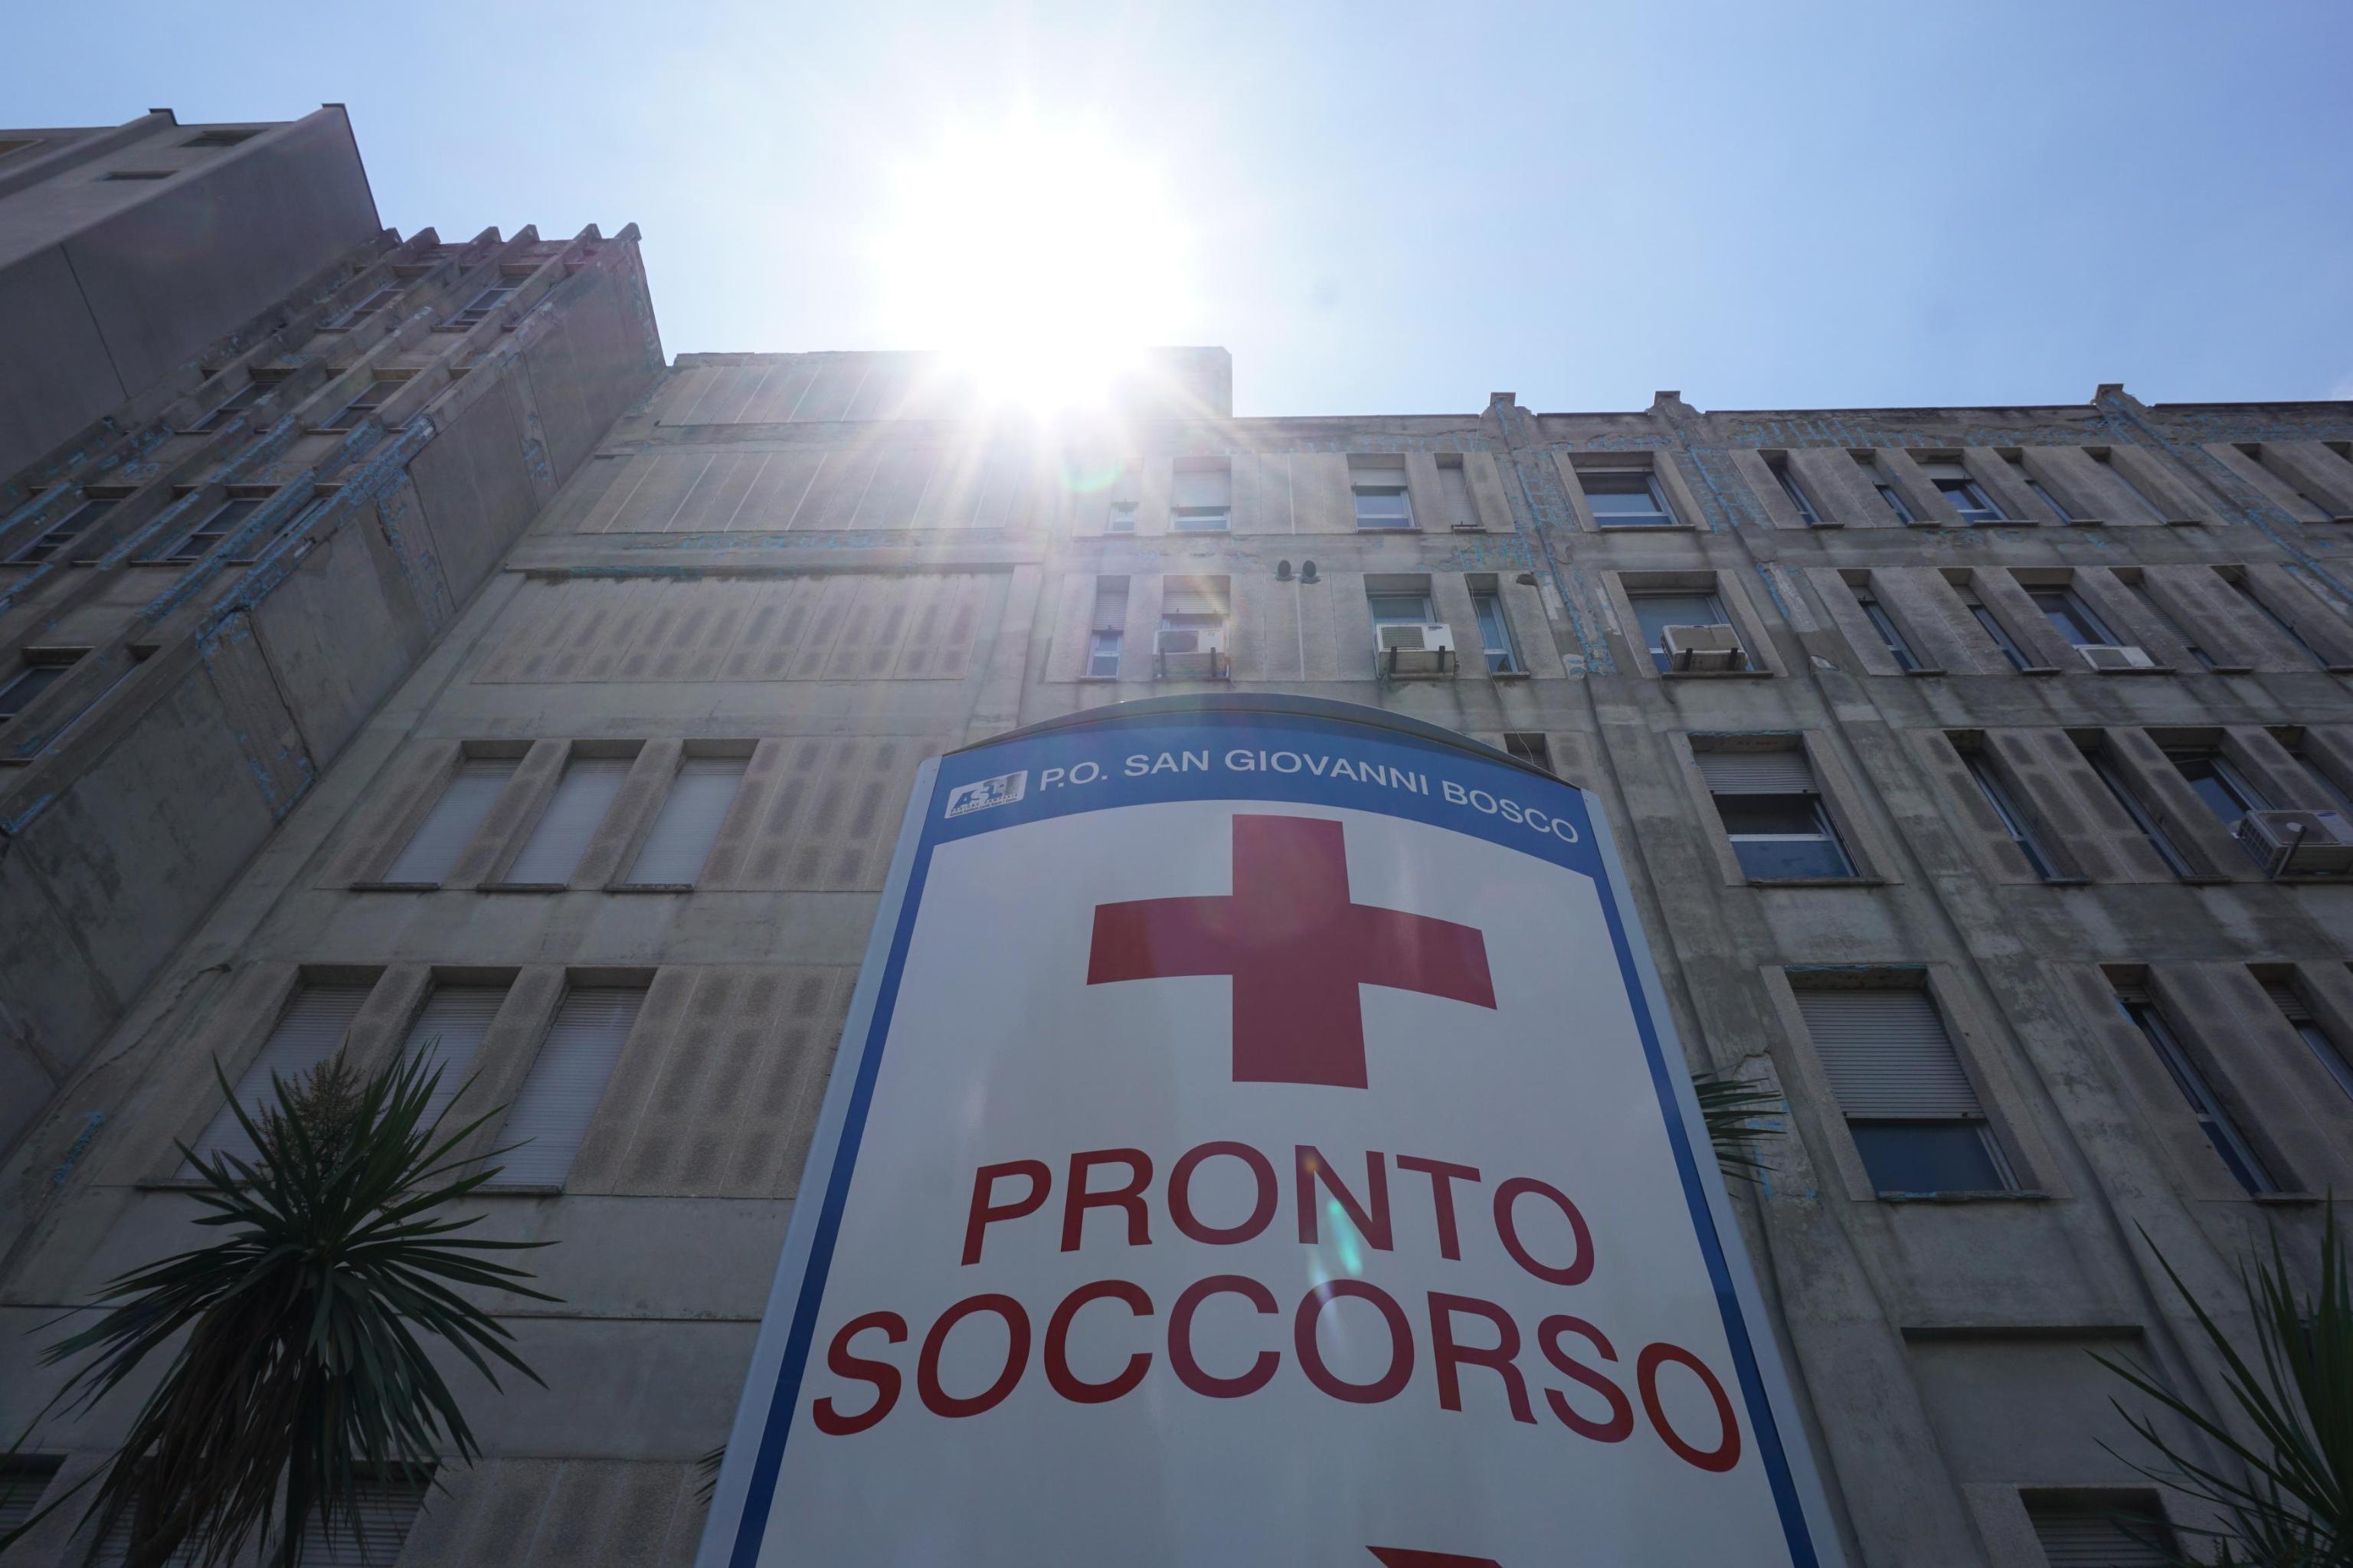 """Zanzare e scarafaggi in un ospedale di Napoli, la direzione: """"Oggi disinfestazione"""""""